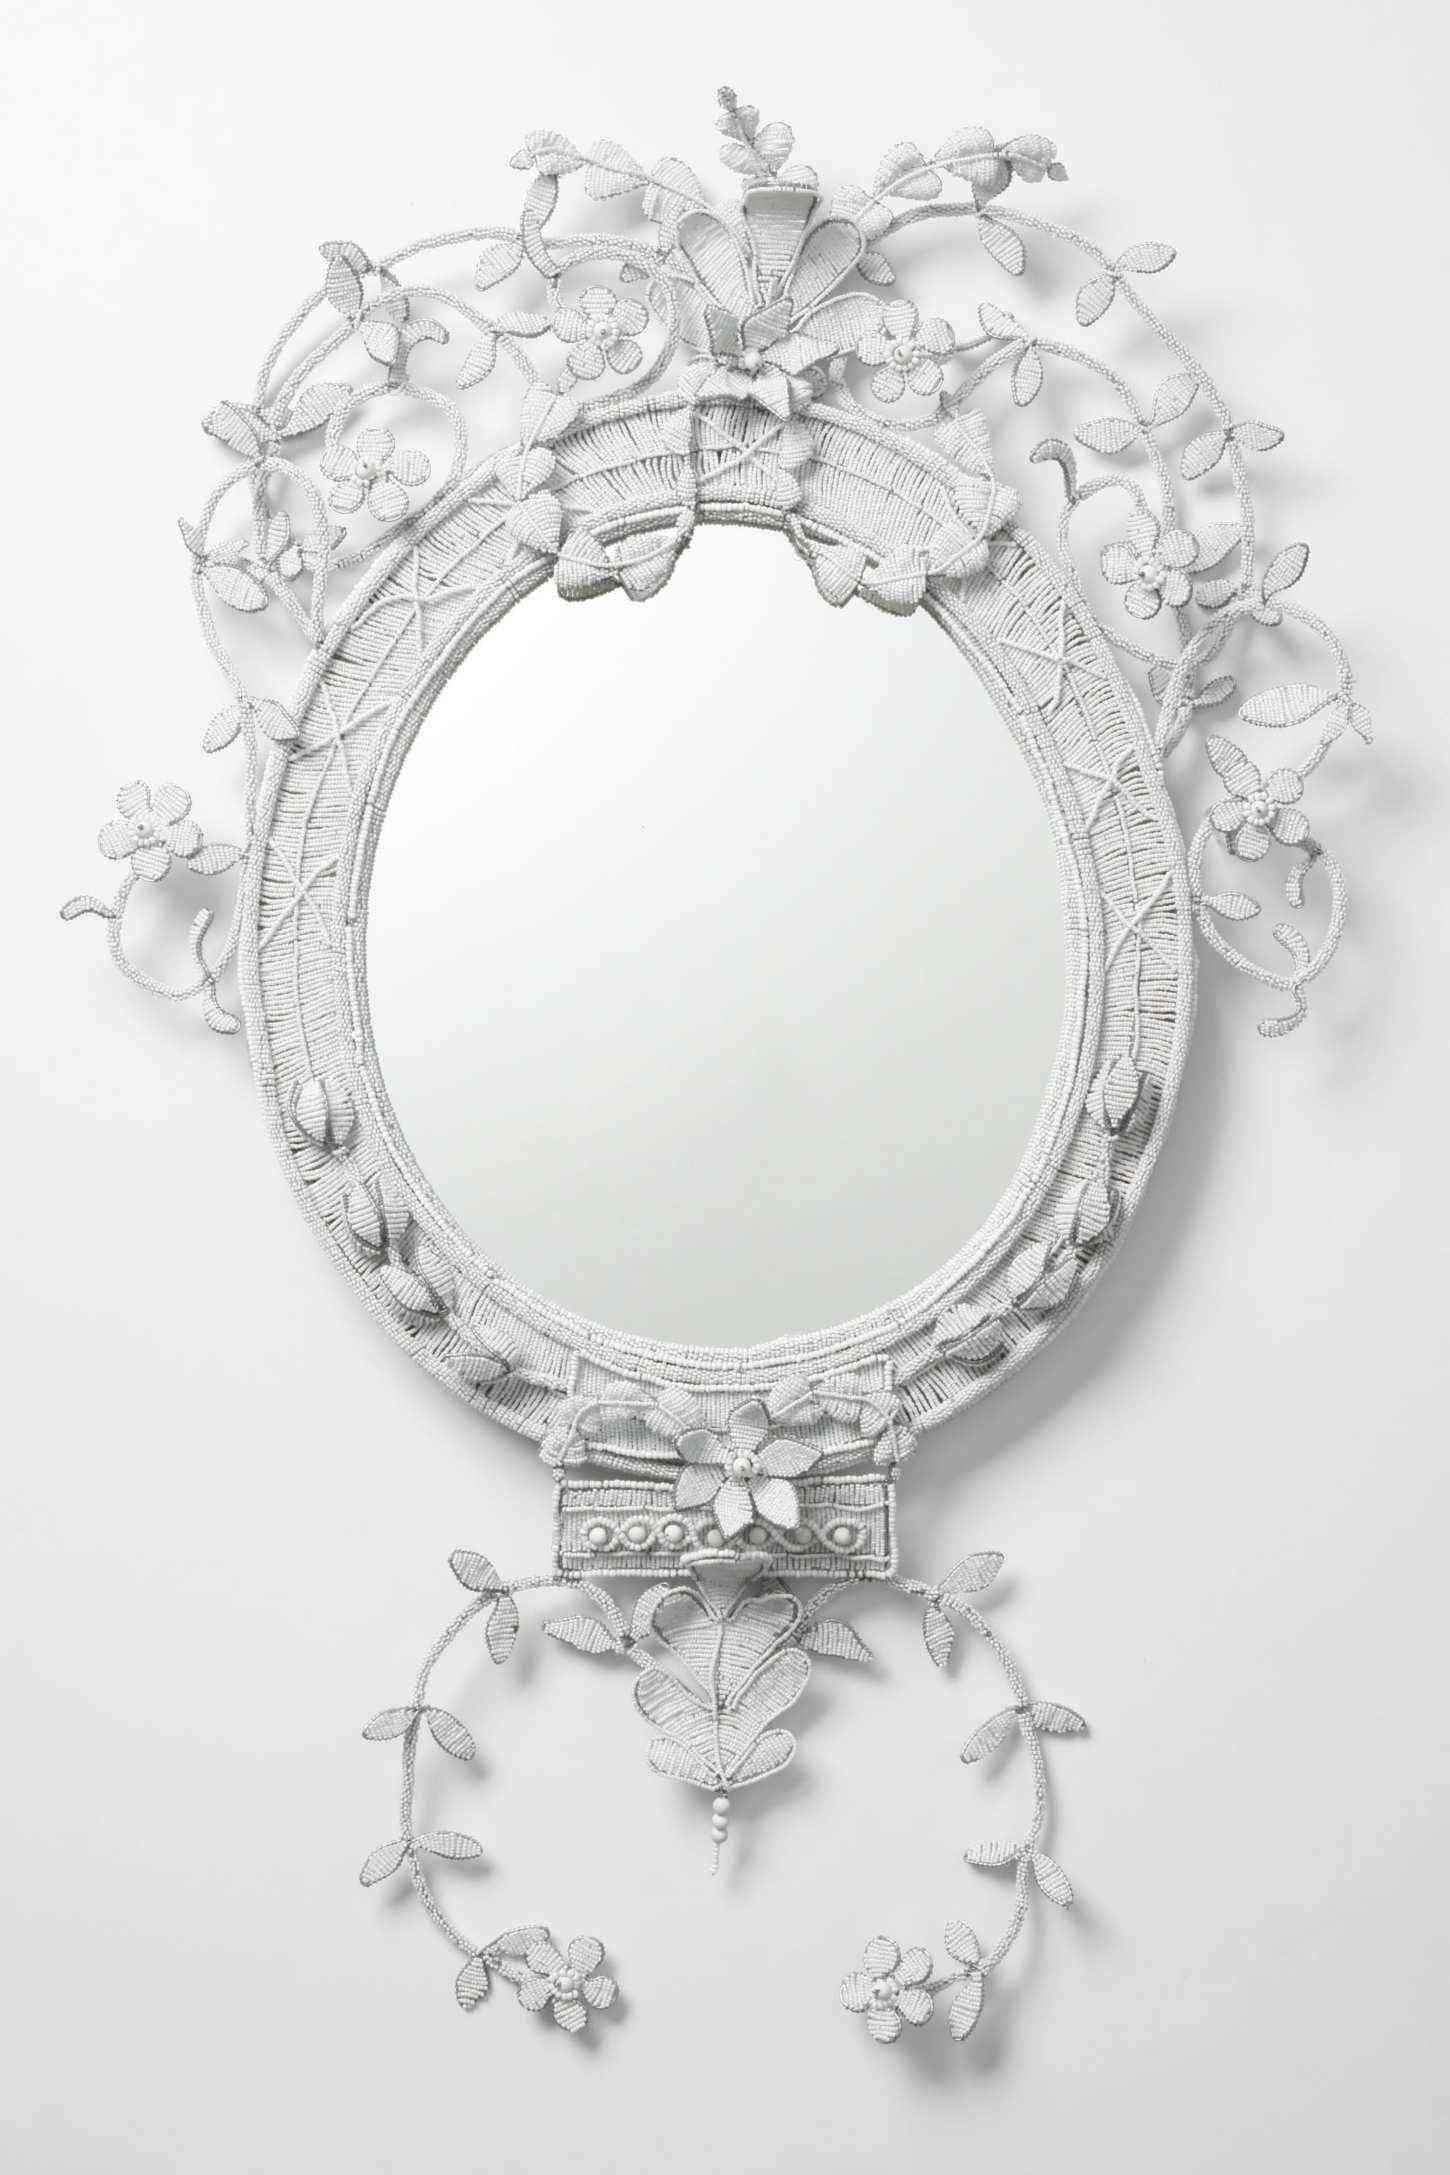 Anthropologie, originales espejos para tu pared 5